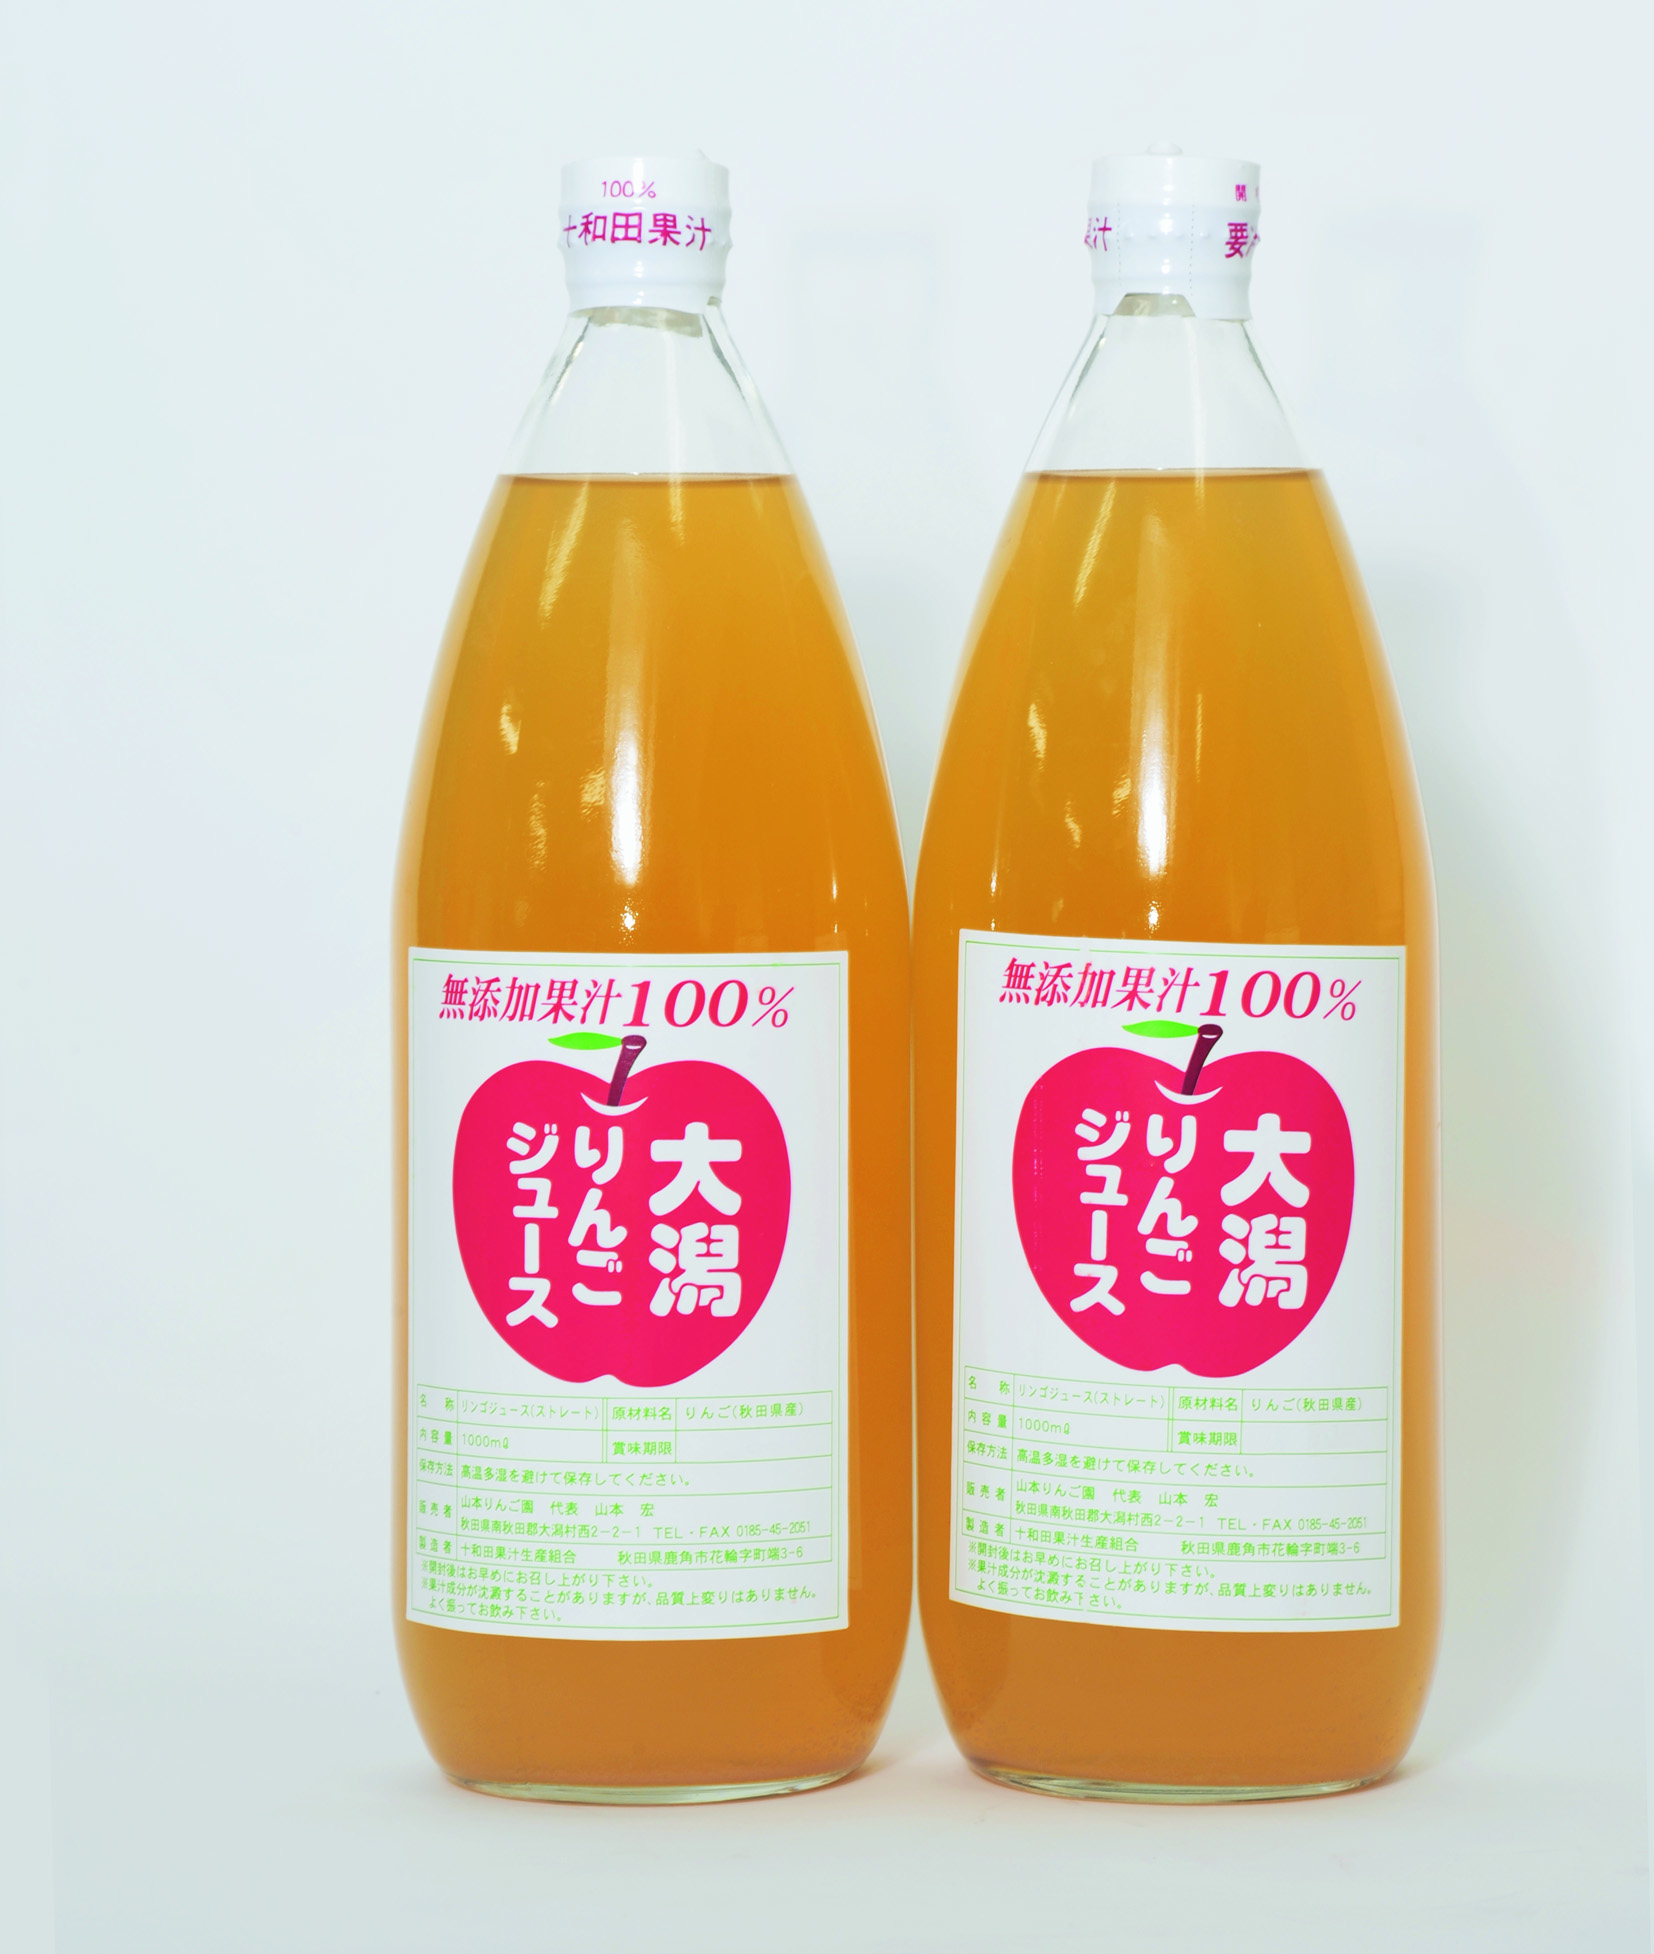 秋田県大潟村産 天然果汁100% 大潟りんごジュース